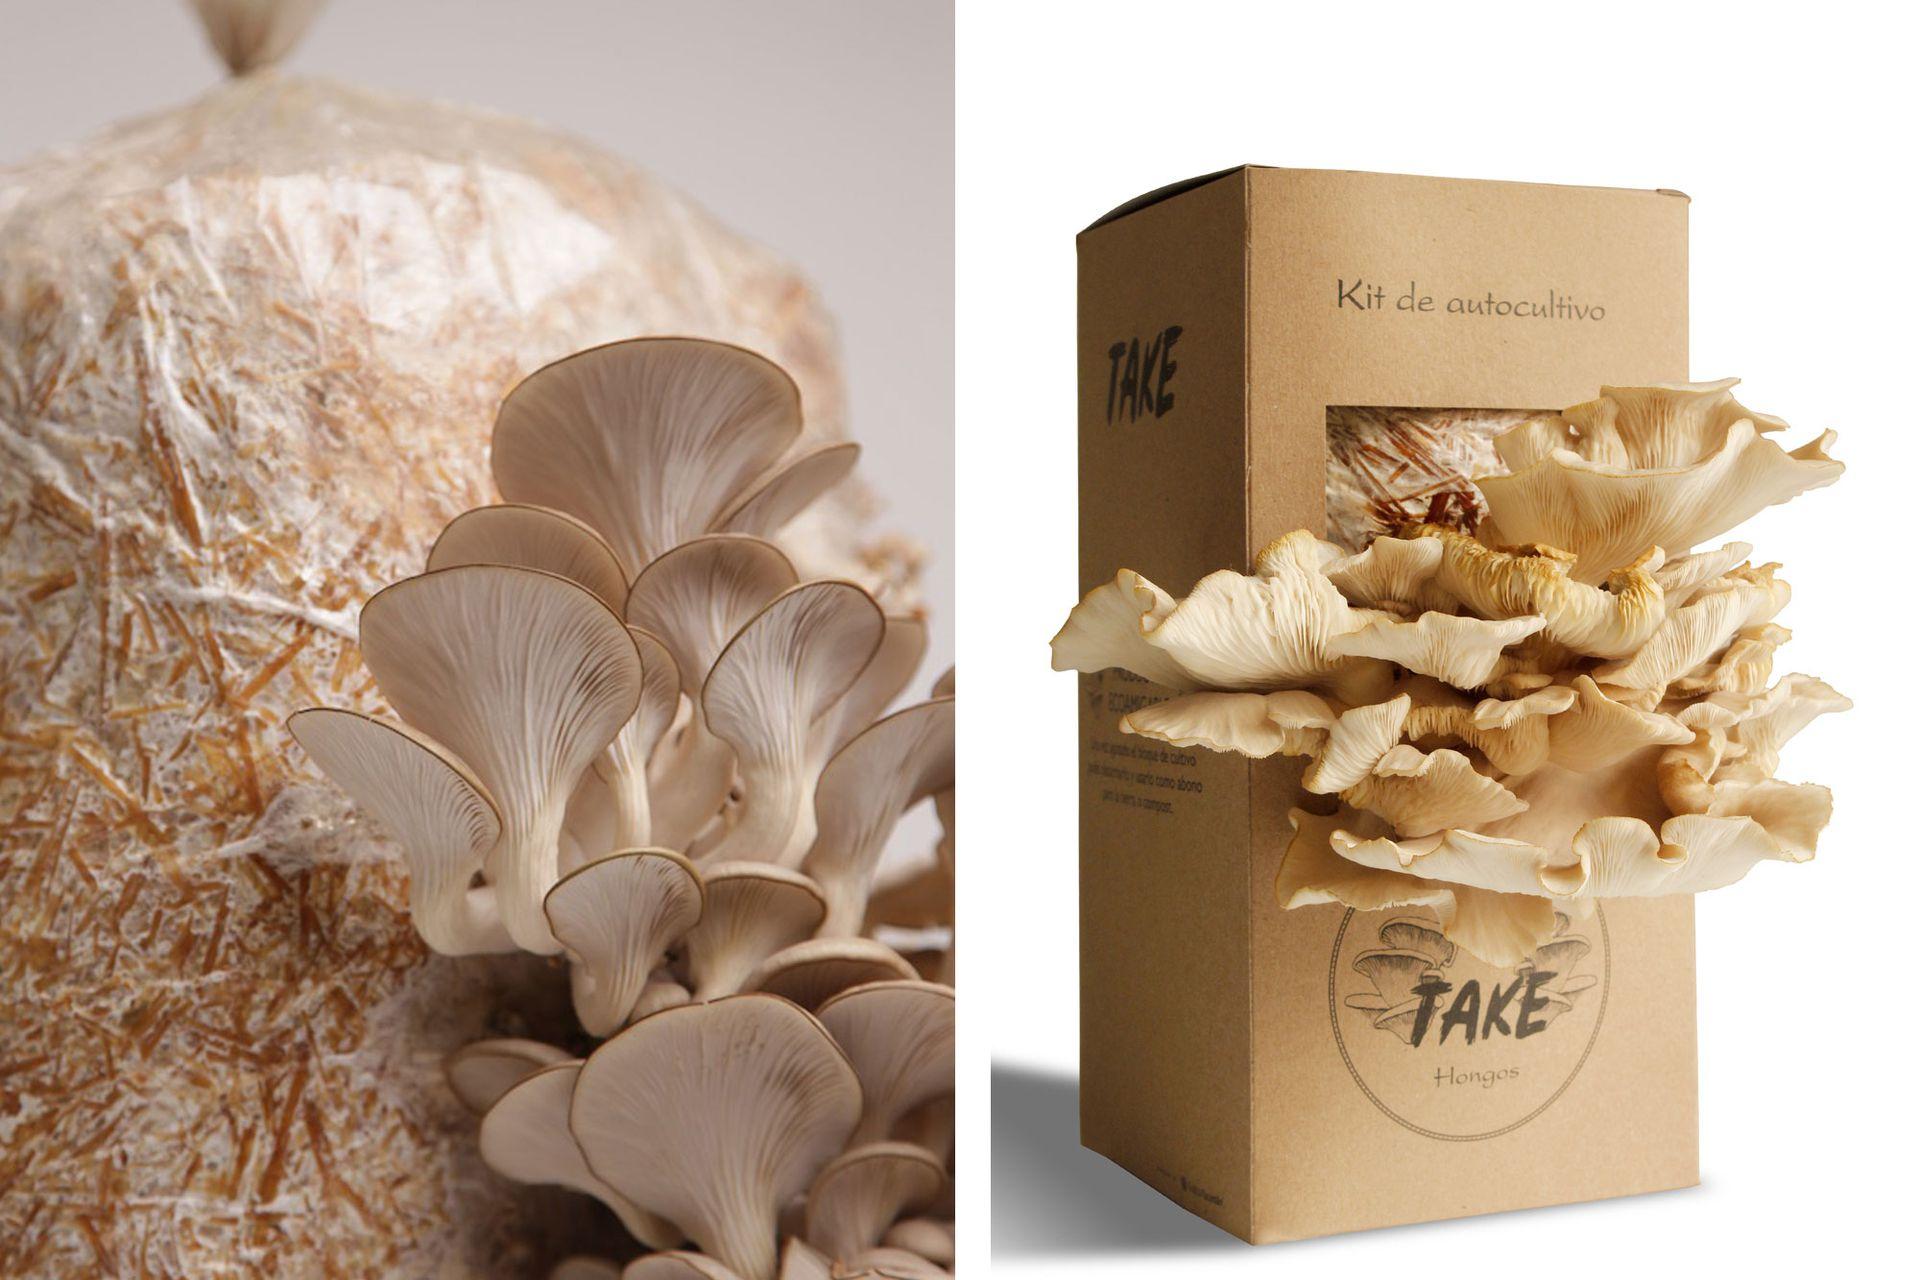 Los kits de autocultivo suelen ofrecer la bolsa o caja con el sustrato, el micelio inoculado y un pulverizador.